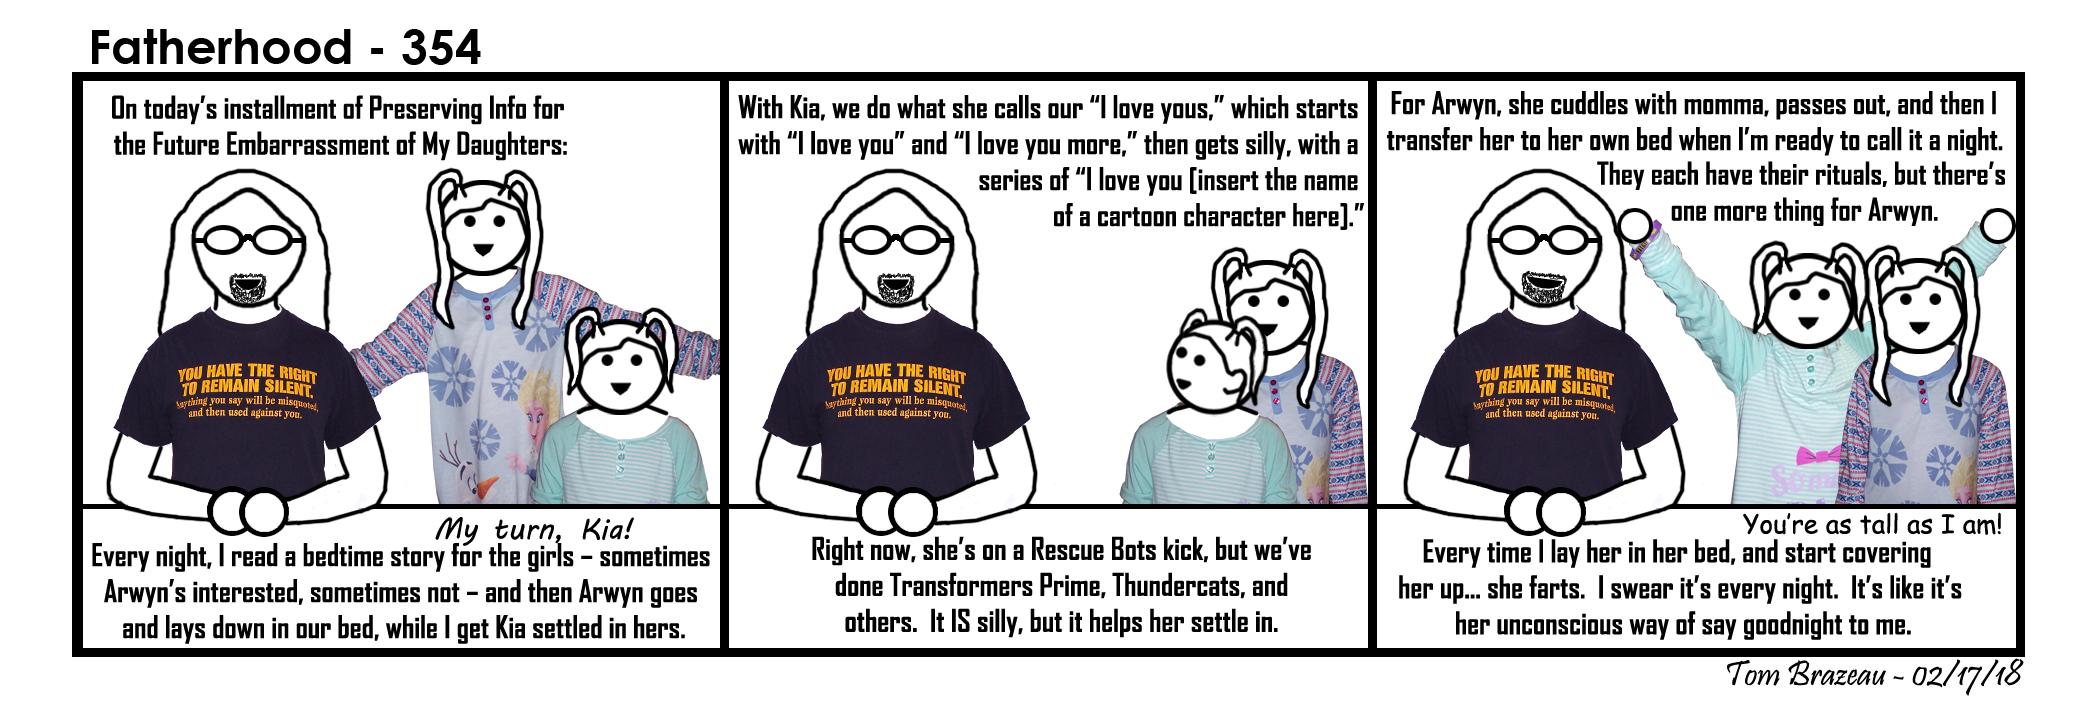 Fatherhood 354